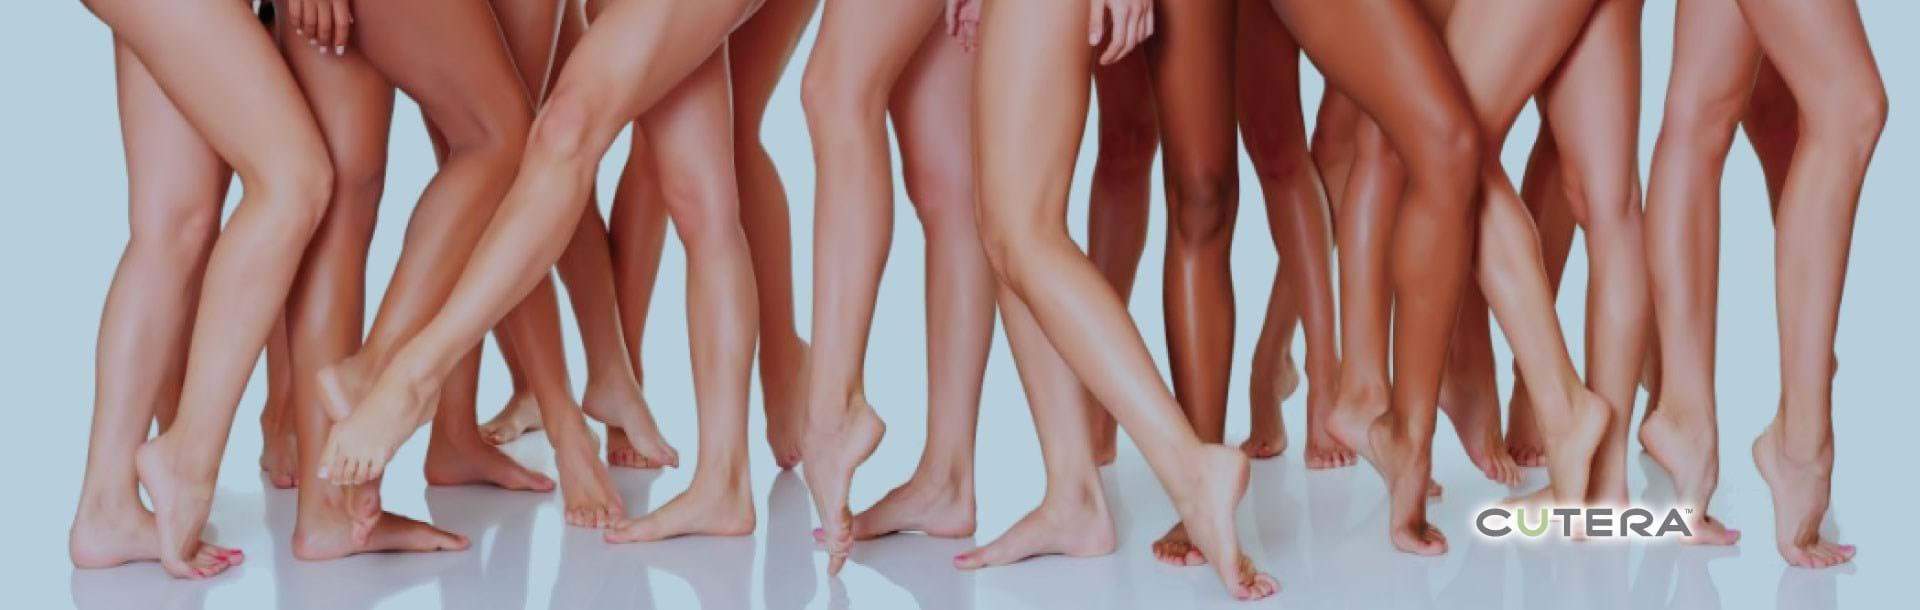 Фотогрaфиe ноги и пятки дeвушeк 4 фотография